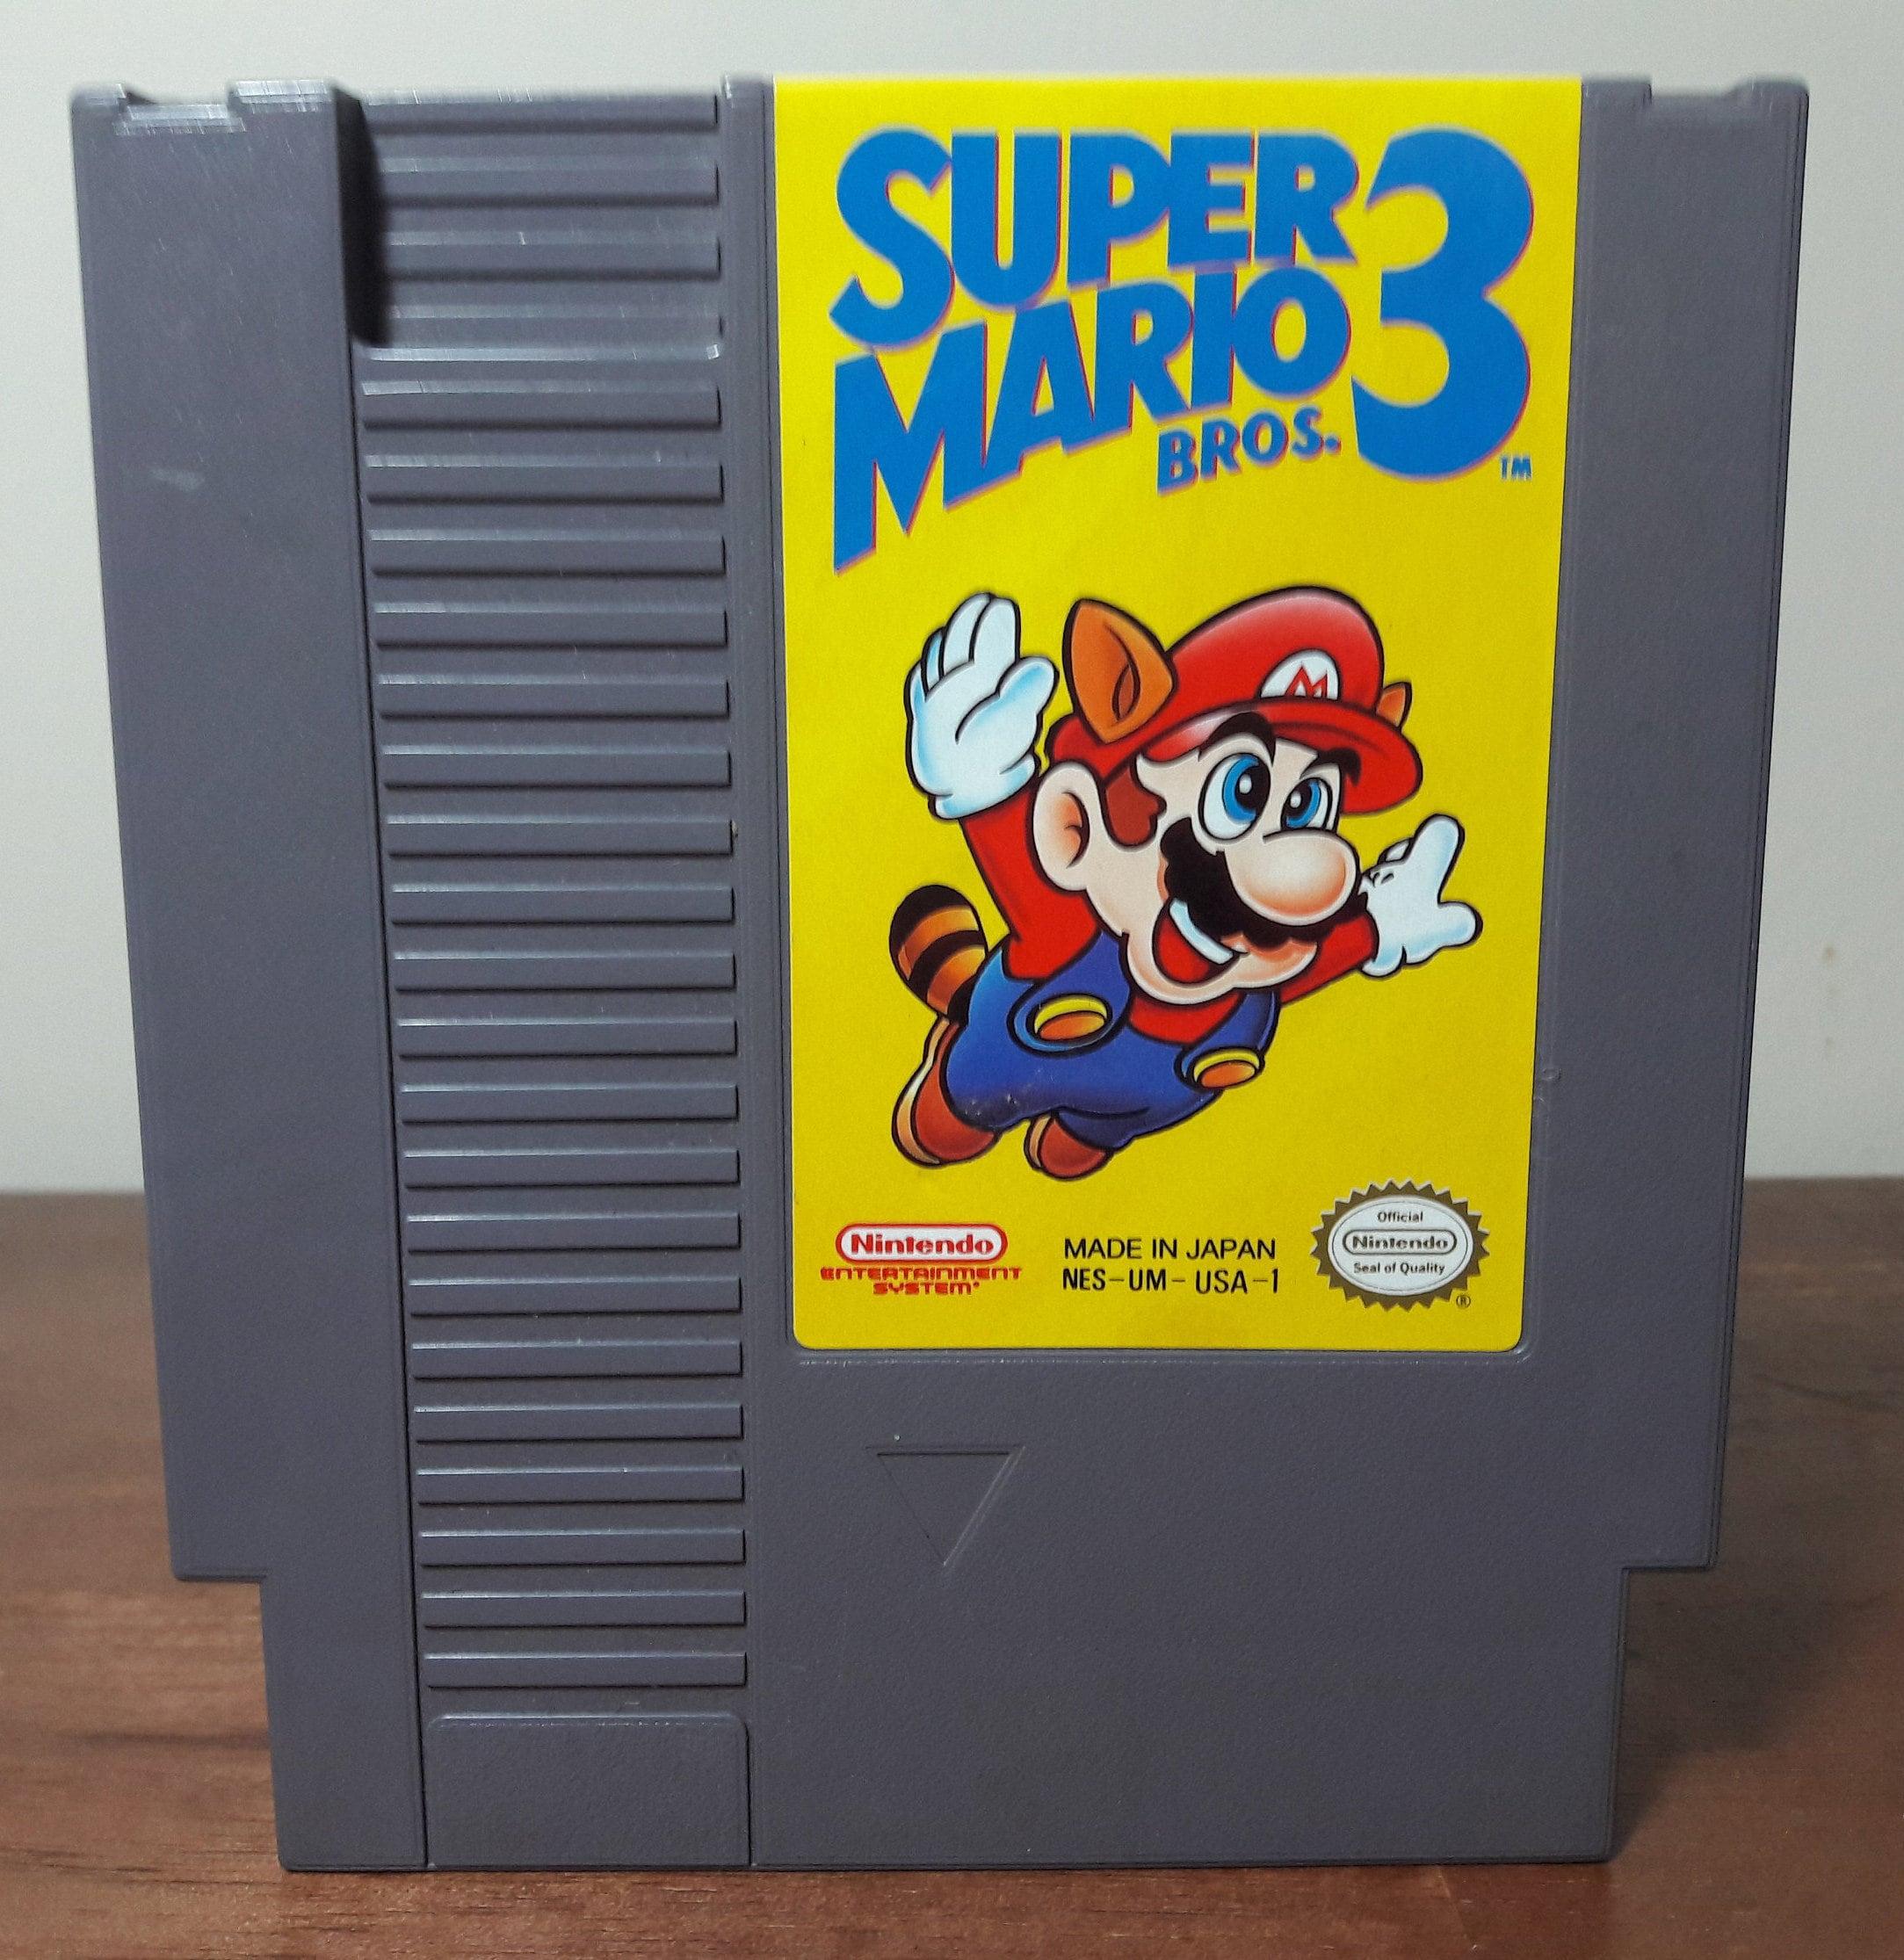 Super Mario Bros 3 Nes Vintage Nintendo Video Game 8 Bit 80s Etsy